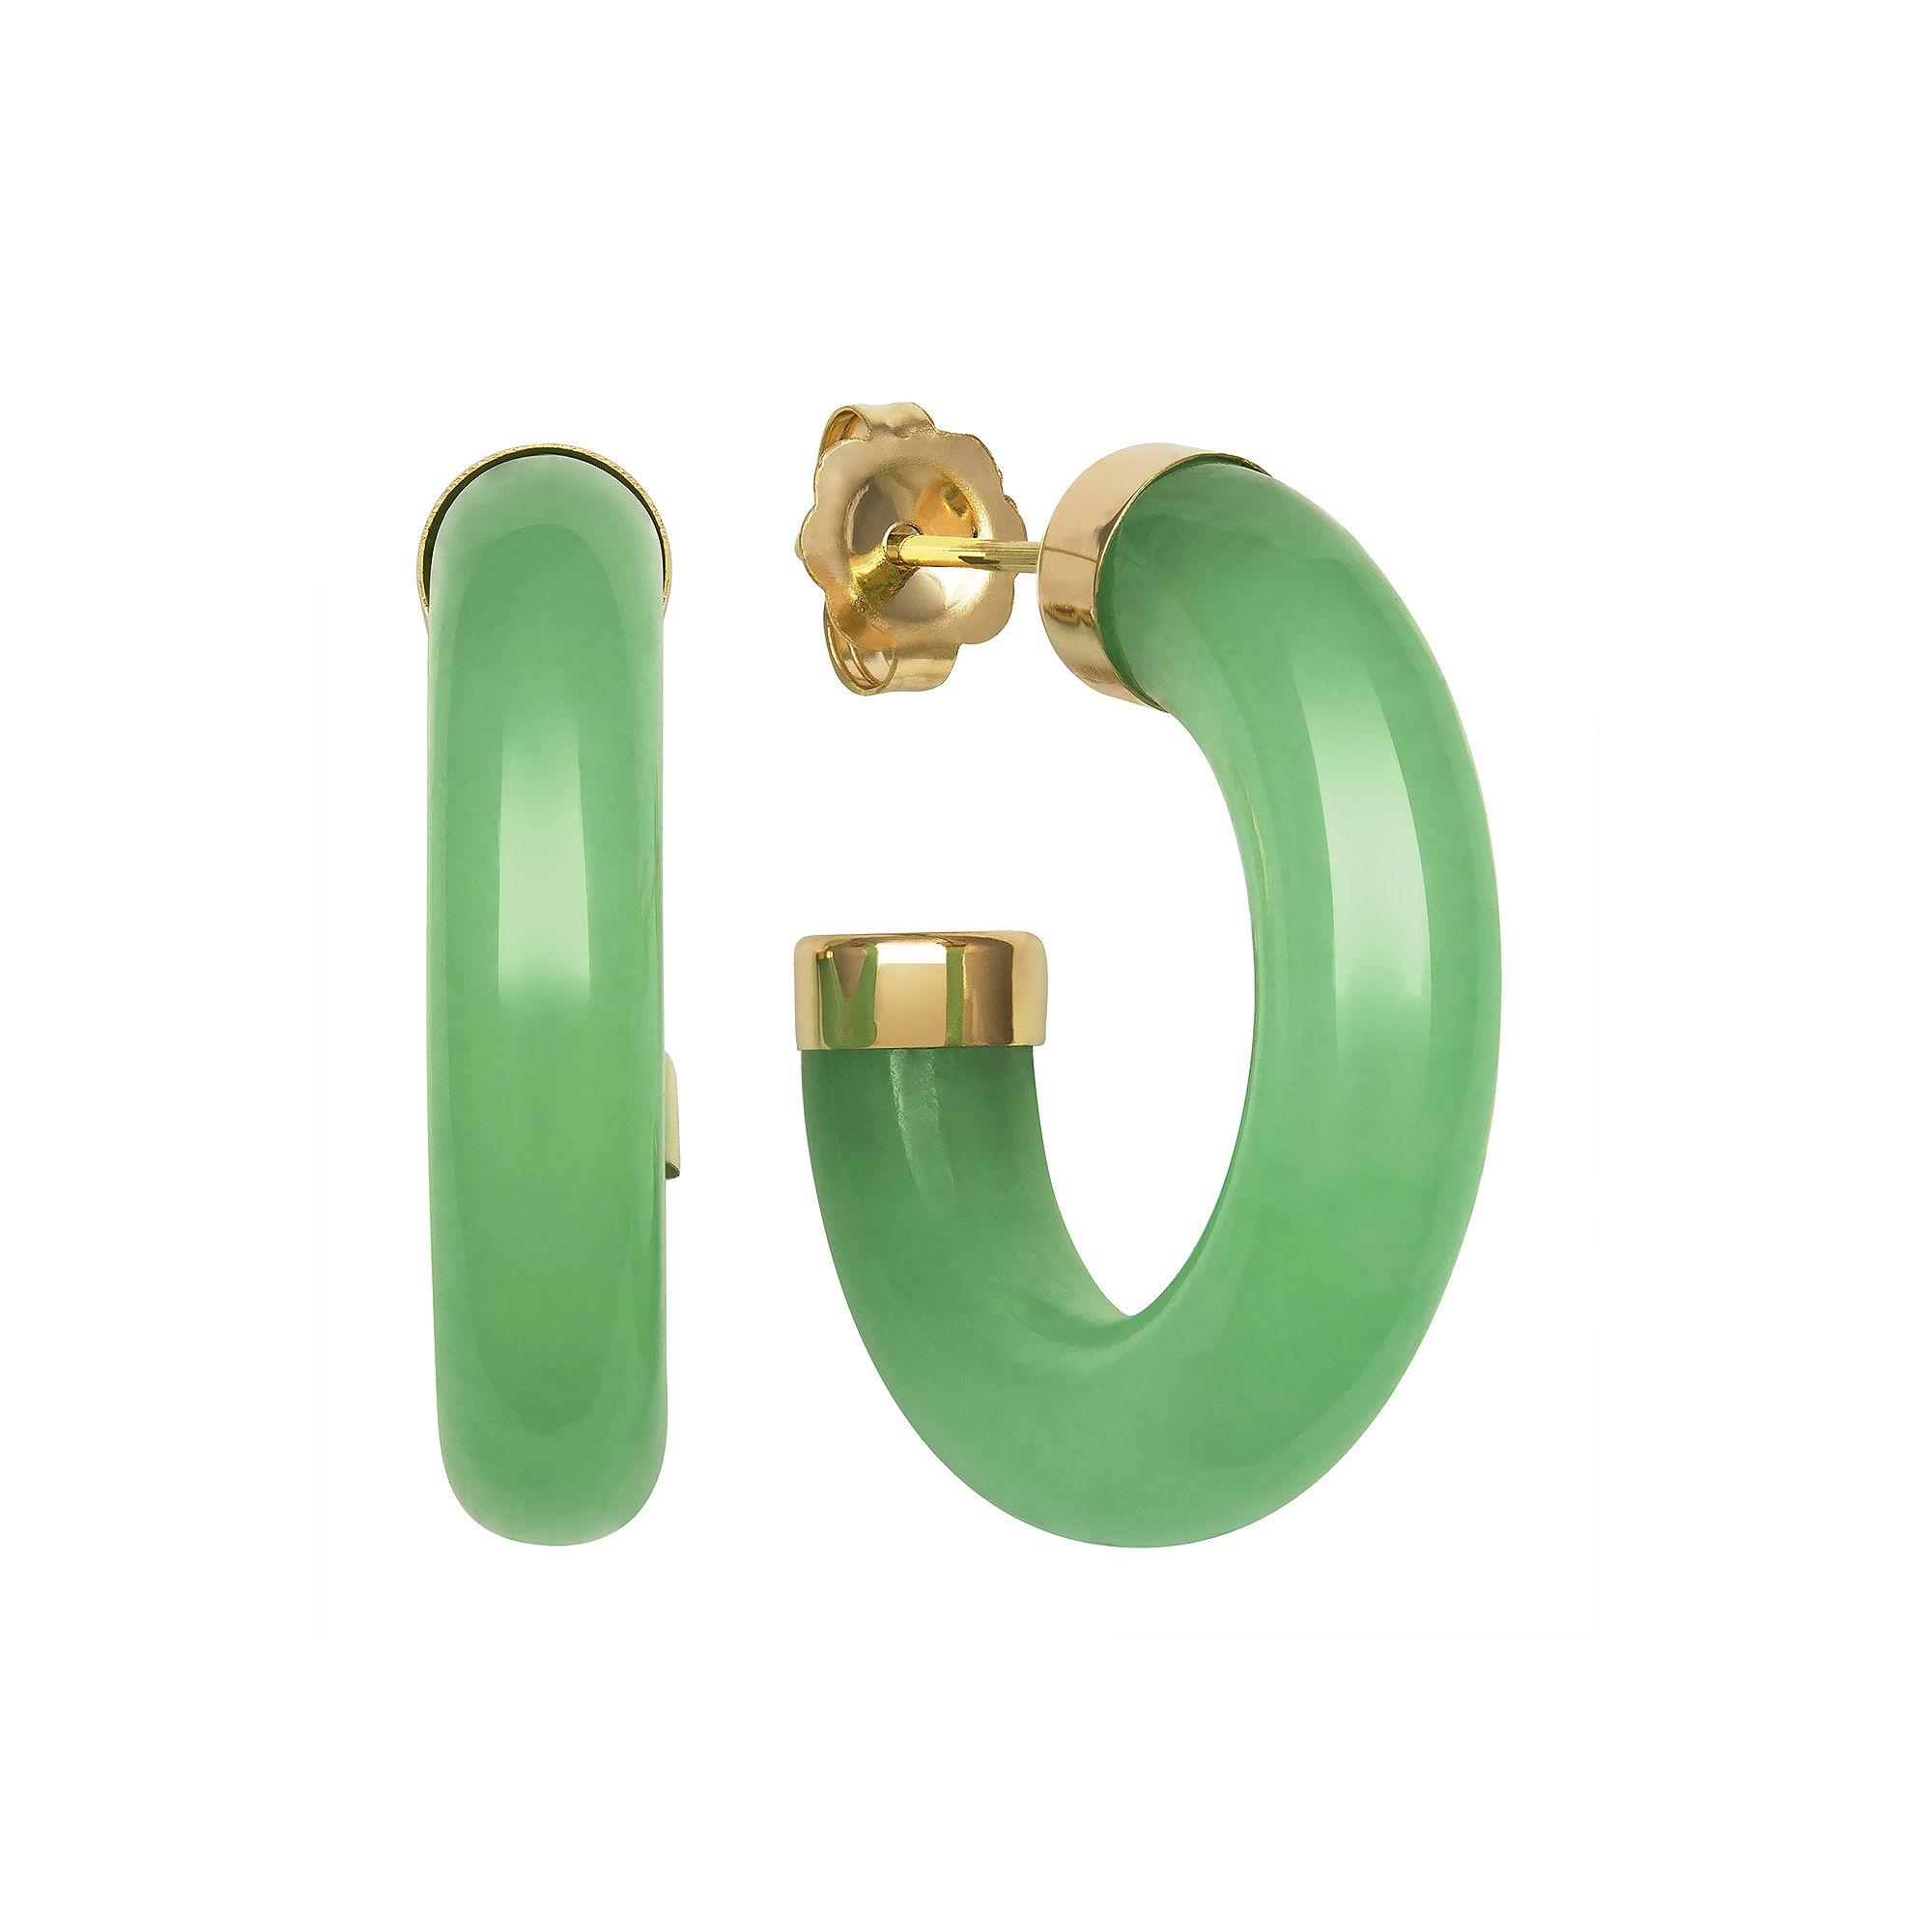 Genuine Jade 14K Yellow Gold Hoop Earrings